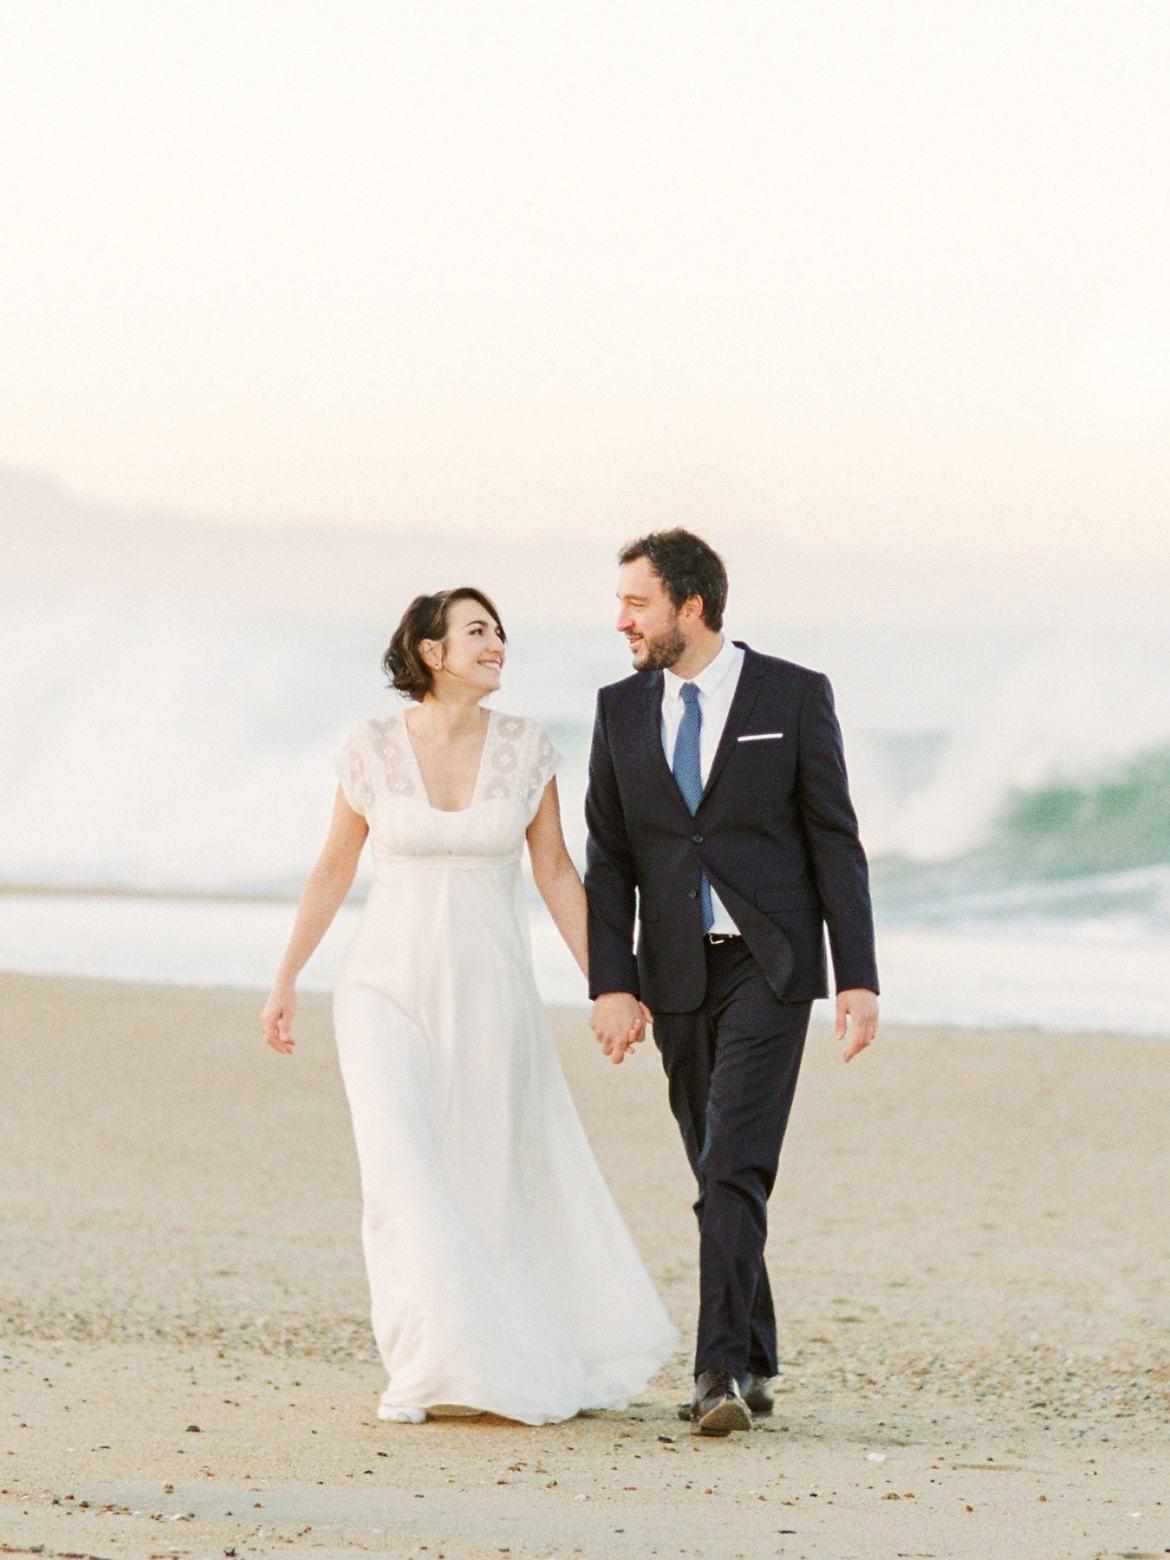 Mariage à la plage inspiration destination wedding